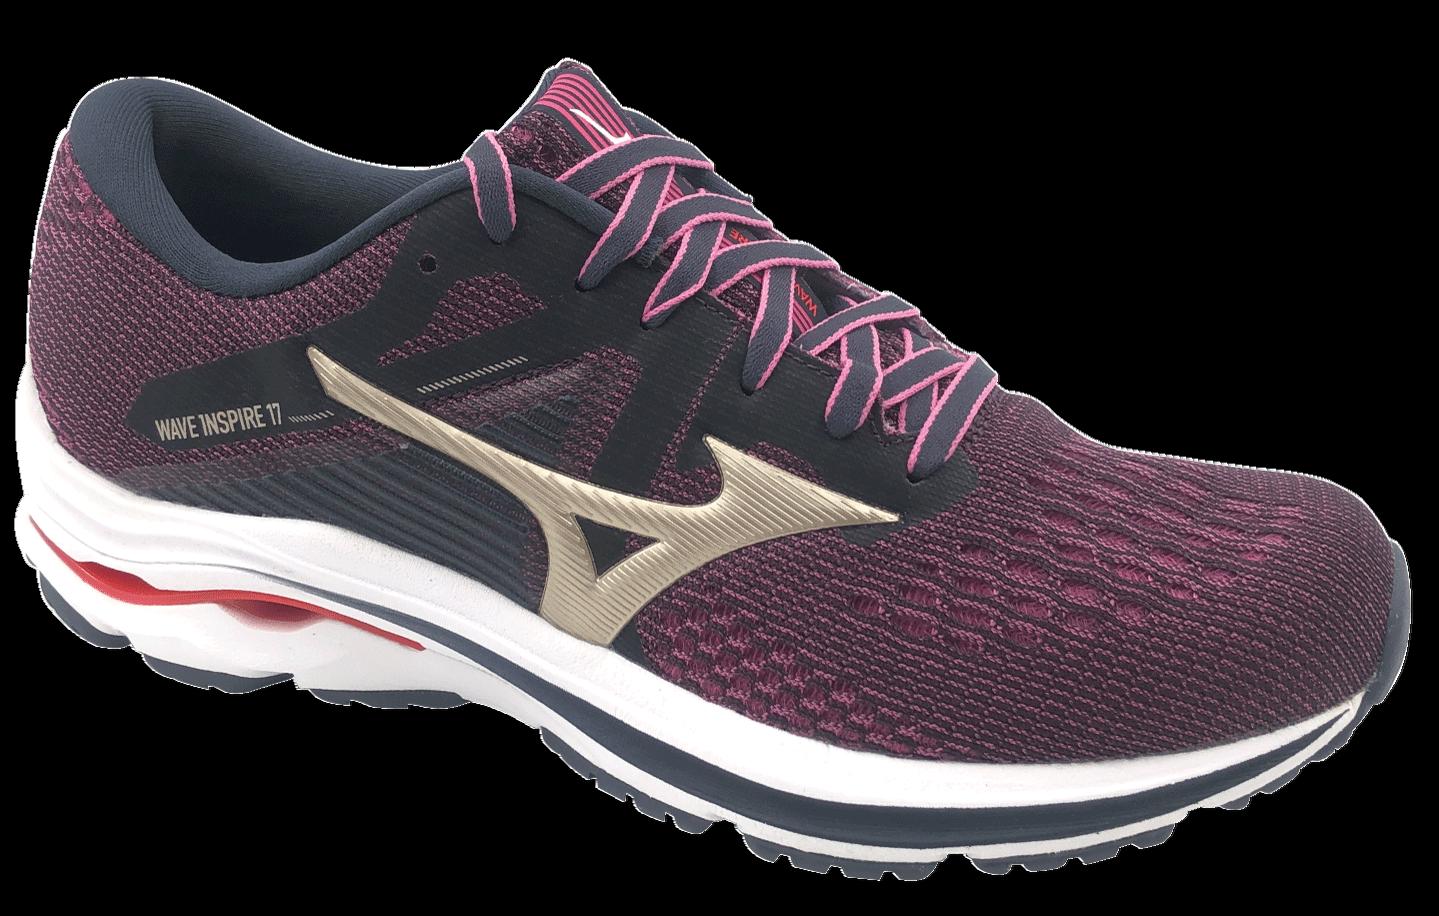 MIZUNO Chaussures de Course Wave Inspire 17 VT Sneaker En Violet Pour Femmes 39 26 cm